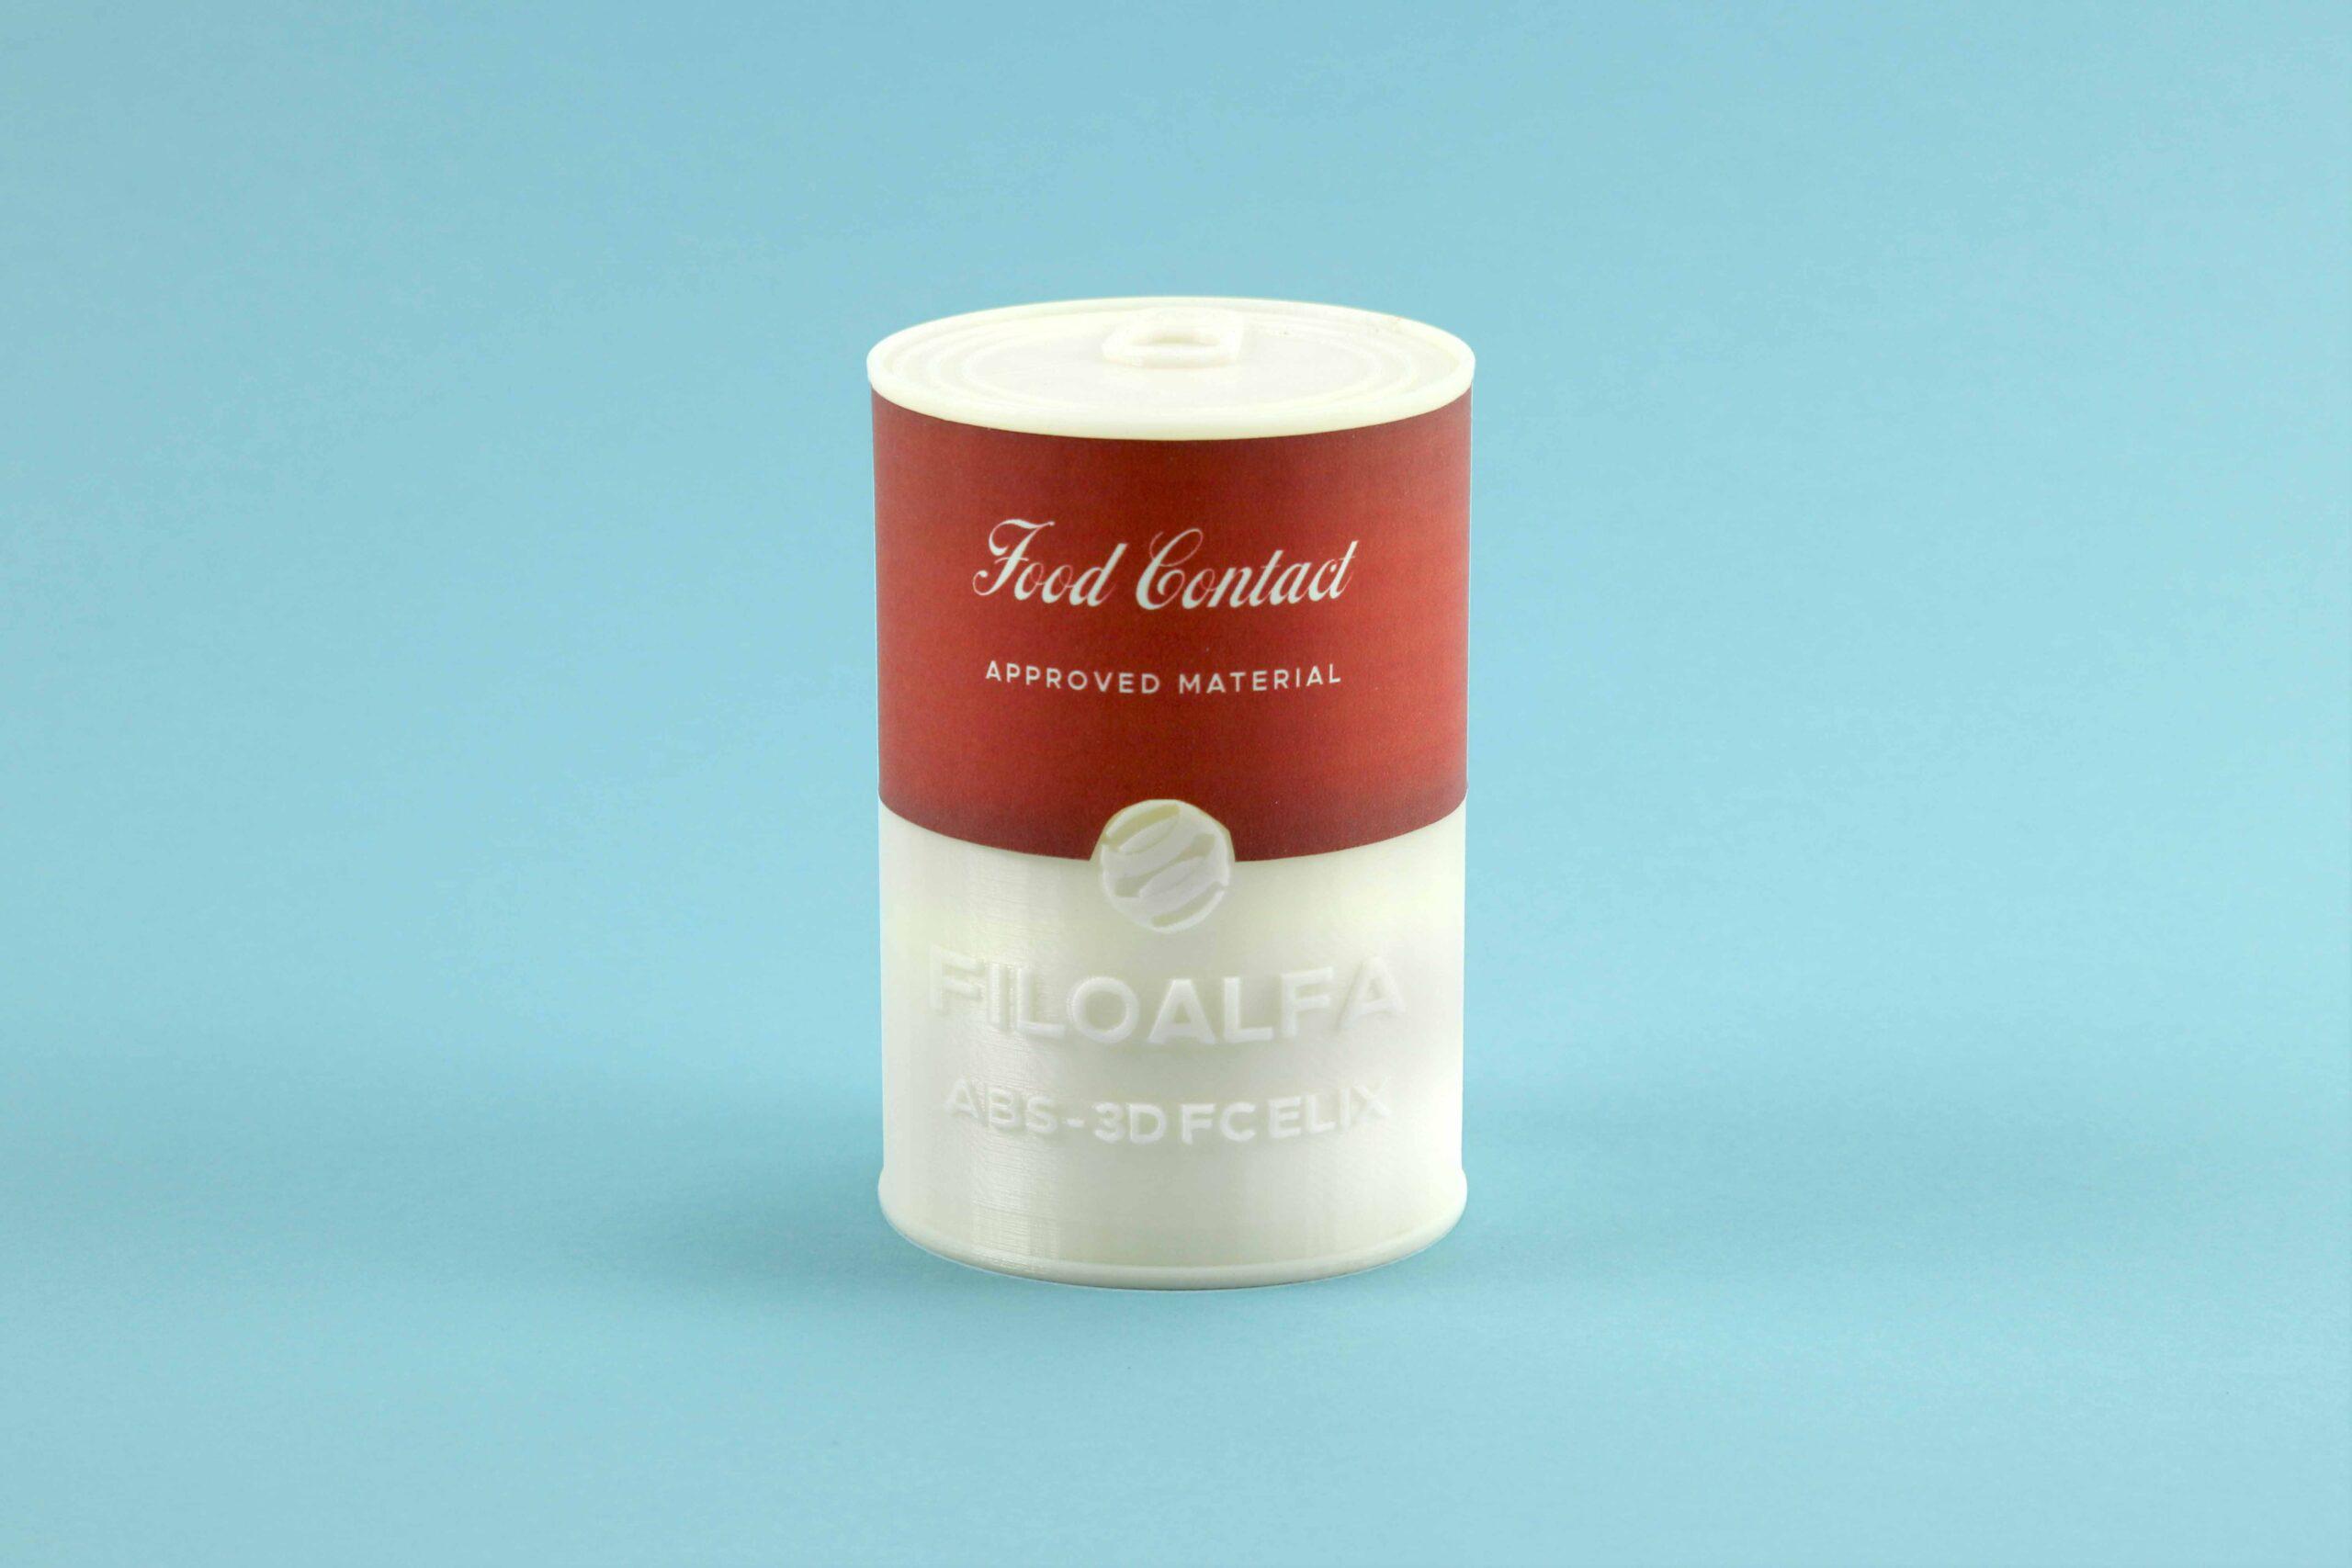 Lattina stampata in 3d con ABS-3d FC by Elix e Filoalfa